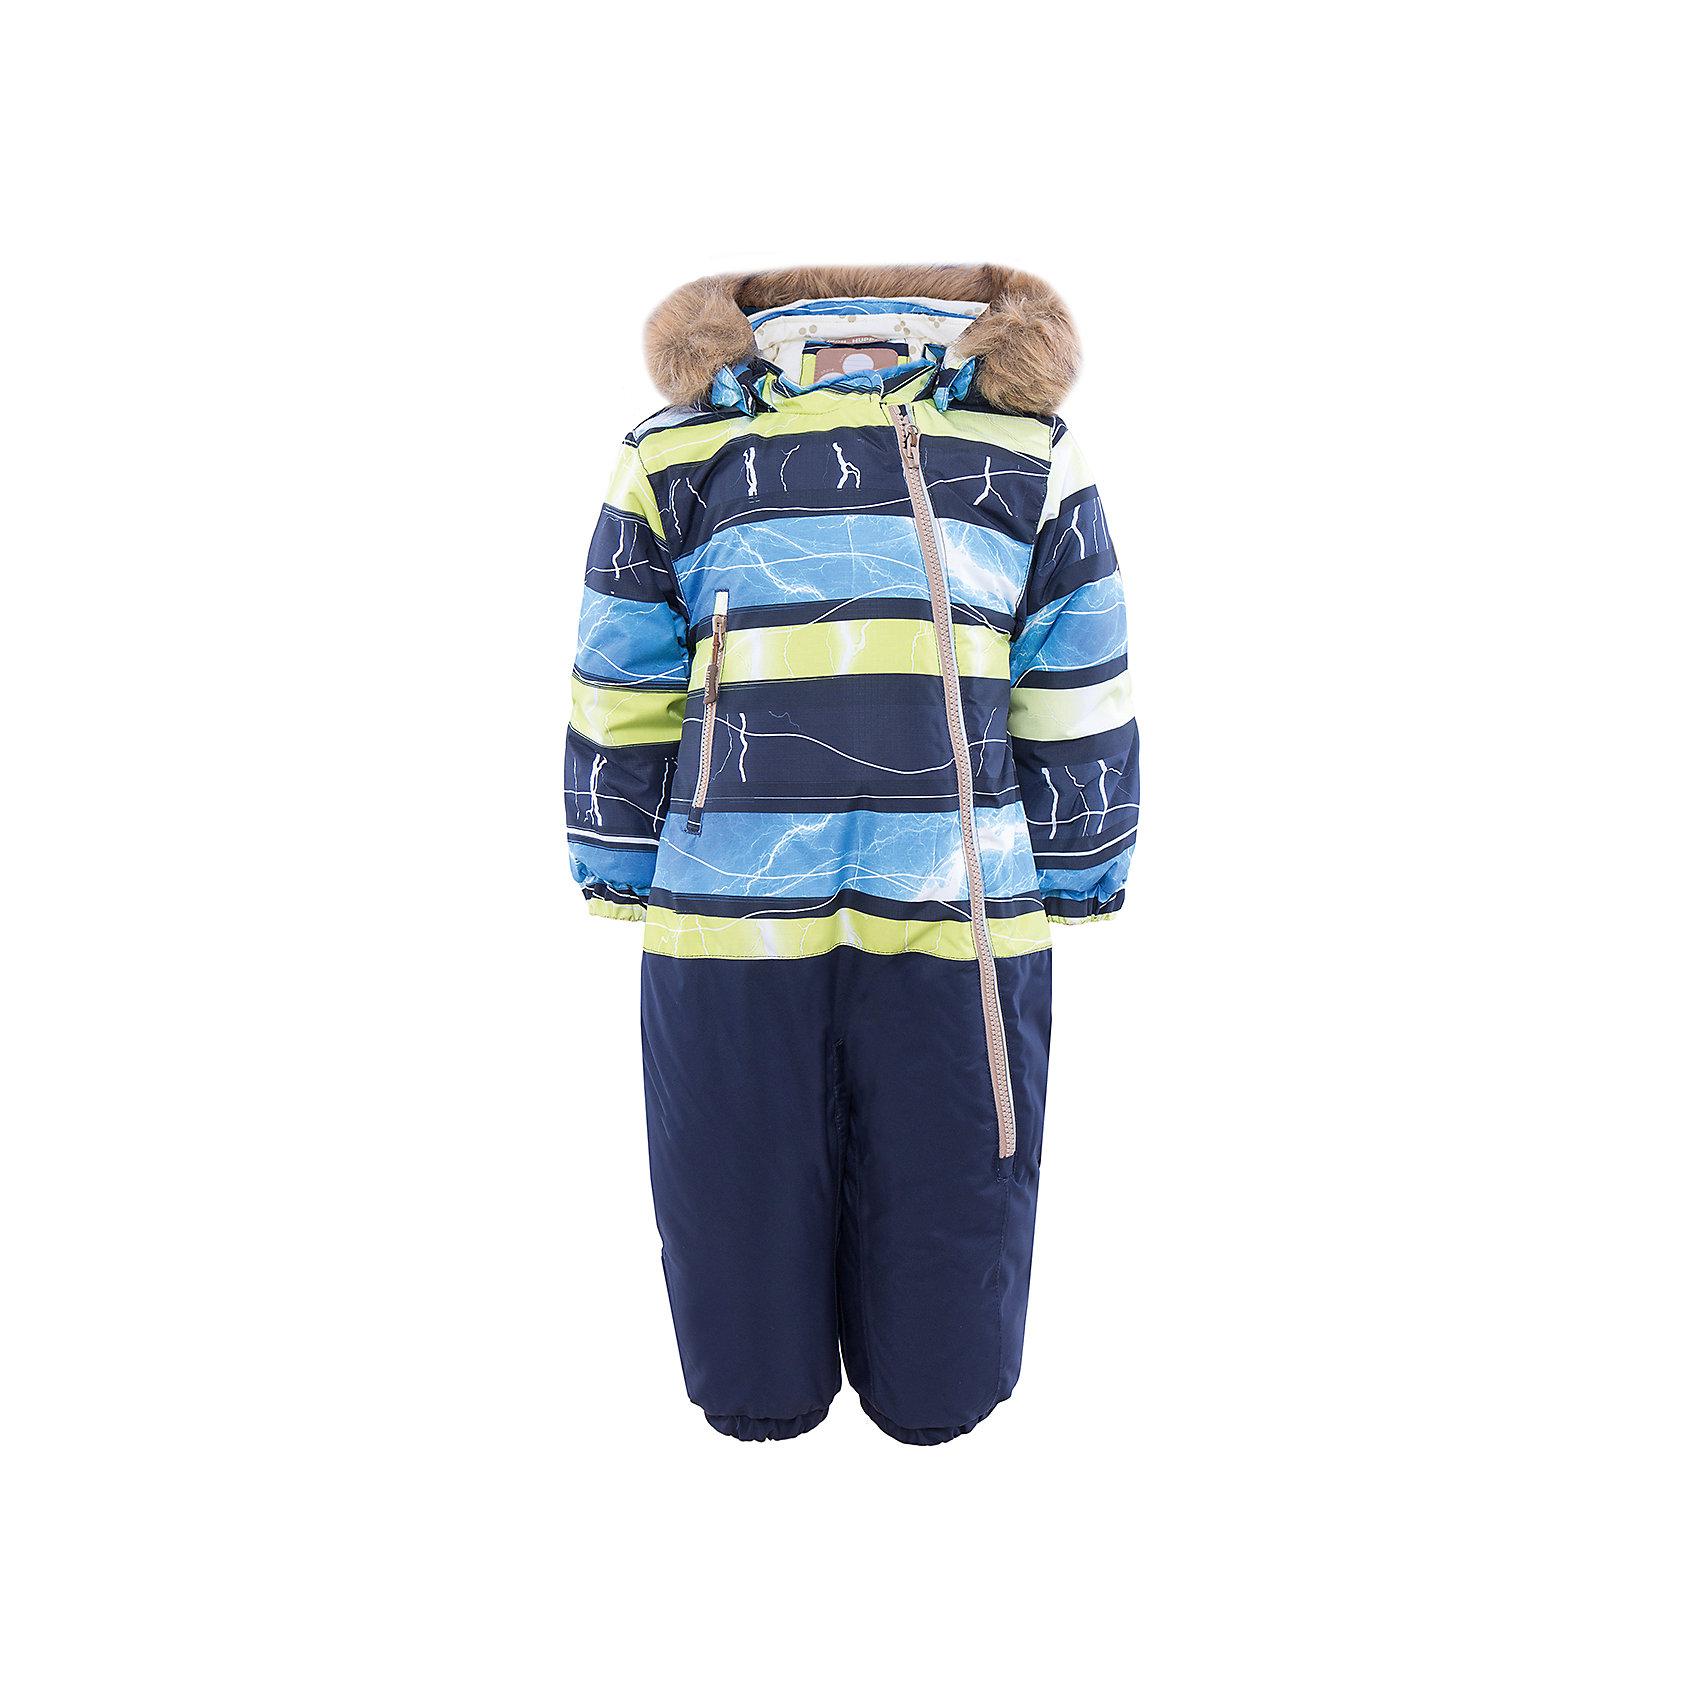 Комбинезон HuppaВерхняя одежда<br>Теплый комбинезон DEVON Huppa(Хуппа).<br><br>Утеплитель: 100% полиэстер, 300 гр.<br><br>Температурный режим: до -30 градусов. Степень утепления – высокая. <br><br>* Температурный режим указан приблизительно — необходимо, прежде всего, ориентироваться на ощущения ребенка. Температурный режим работает в случае соблюдения правила многослойности – использования флисовой поддевы и термобелья.<br><br>Прекрасно подойдет для малышей, ведь он легко застегивается на длинную молнию по диагонали. Резинки на талии и манжетах не позволят снегу и ветру попасть под одежду. Комбинезон дополнен искусственным мехом на капюшоне в форме ушек. Яркая расцветка непременно понравится непоседе!<br><br>Особенности: <br>-мягкая подкладка <br>-съемный капюшон с отстегивающимся мехом <br>-карман с лентой для соски <br>-резинка для обуви <br>-водоотталкивающие дышащие материалы <br>-утеплитель HuppaTherm, неприхотлив в уходе <br>-швы проклеены водостойкой лентой<br>-светоотражающие элементы<br>-манжеты с отворотом у размеров 62-80<br><br><br>Дополнительная информация: <br>Материал: 100% полиэстер <br>Подкладка: фланель - 100% хлопок <br>Цвет: синий/лайм<br><br>Вы можете приобрести комбинезон DEVON Huppa(Хуппа) в нашем интернет-магазине.<br><br>Ширина мм: 356<br>Глубина мм: 10<br>Высота мм: 245<br>Вес г: 519<br>Цвет: зеленый<br>Возраст от месяцев: 3<br>Возраст до месяцев: 6<br>Пол: Унисекс<br>Возраст: Детский<br>Размер: 68,98,74,80,86,92<br>SKU: 4928667